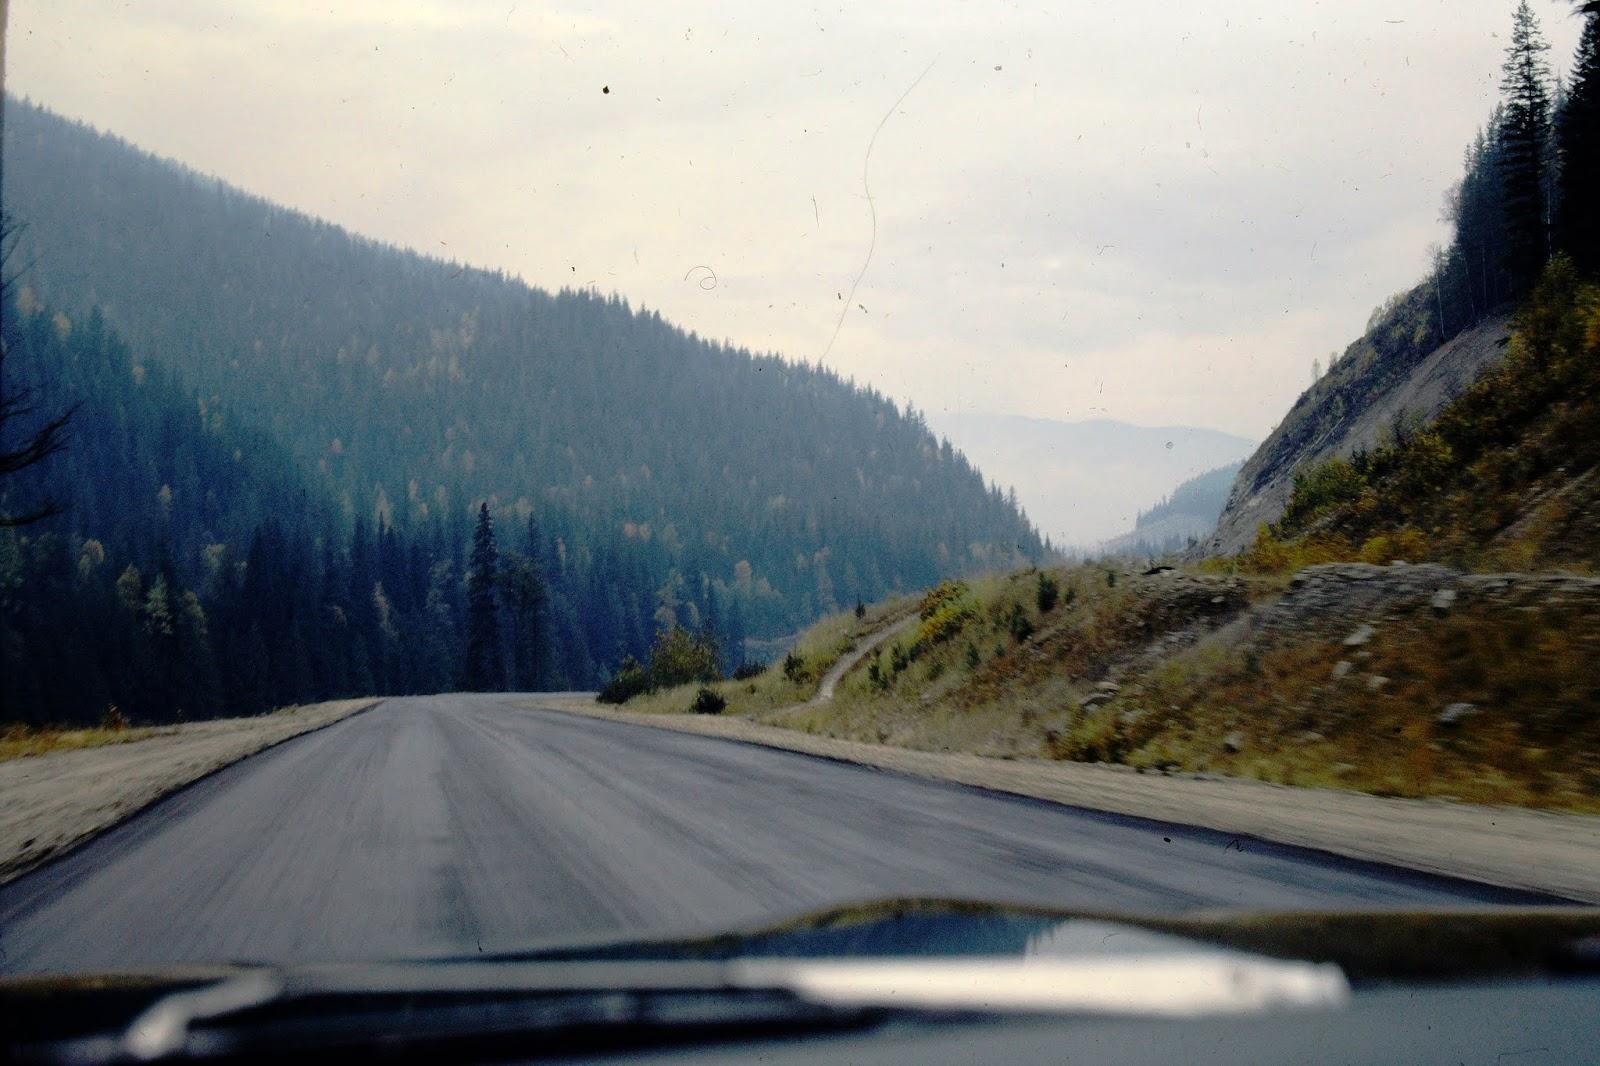 Road - October 1975